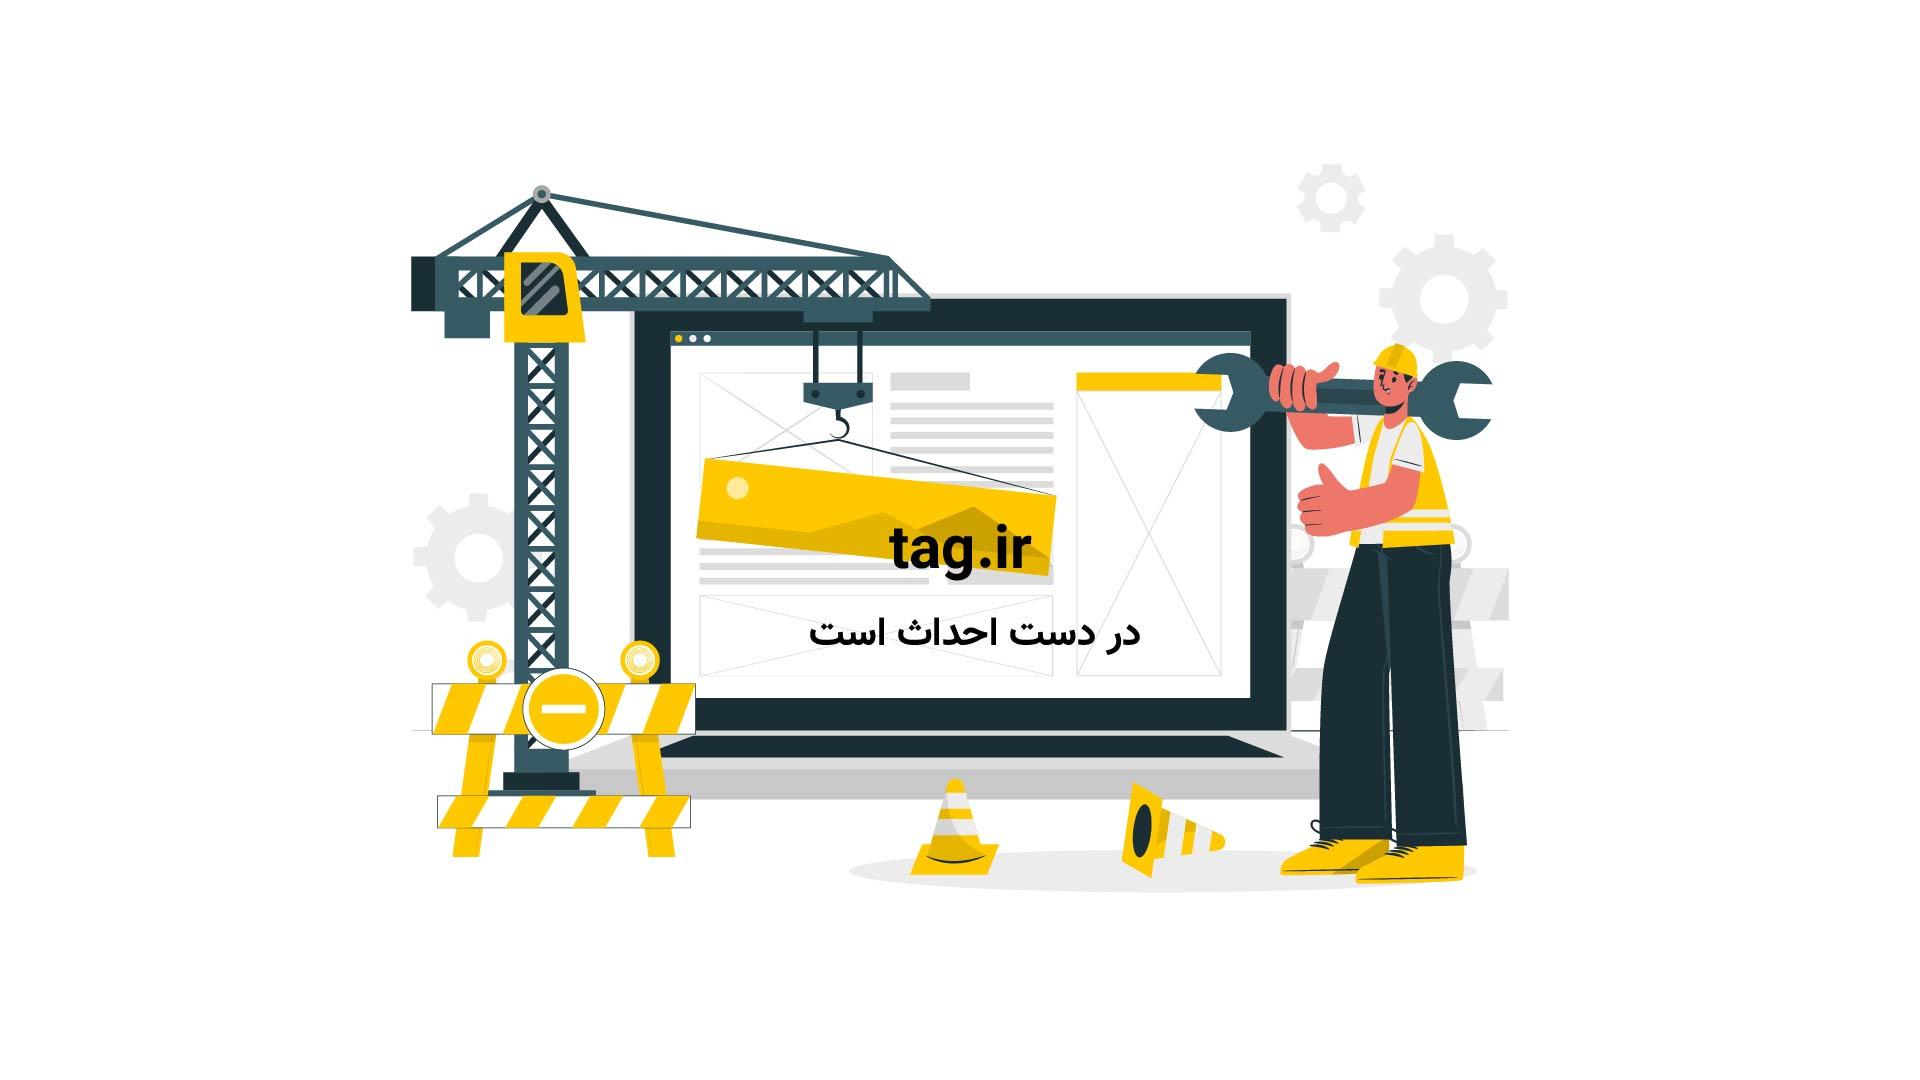 گنبد سلطانیه یکی از شاهکارهای معماری ایران در استان زنجان | فیلم